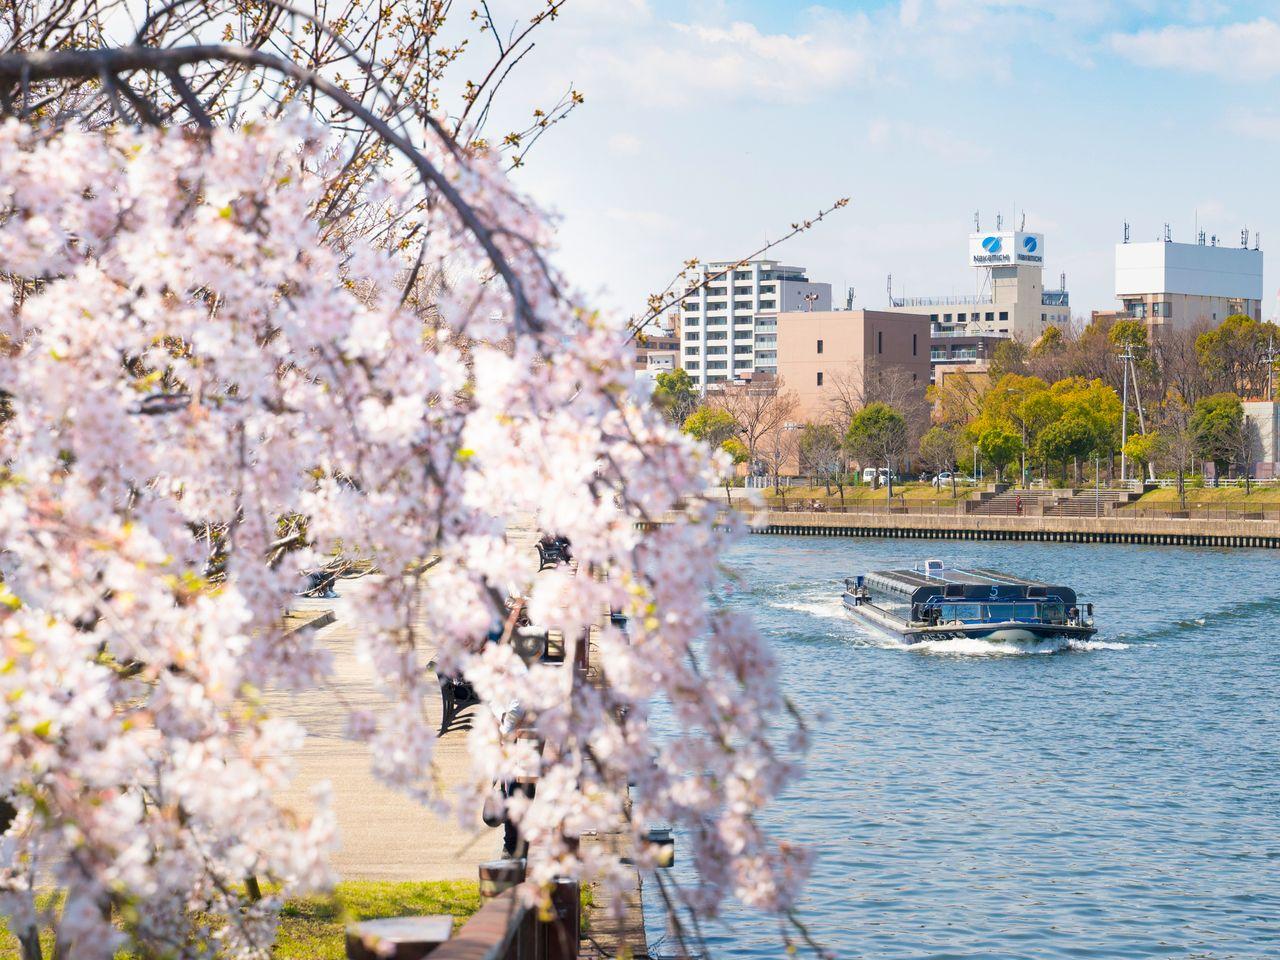 Вишнёвые деревья по берегам реки изумительно красивы весной